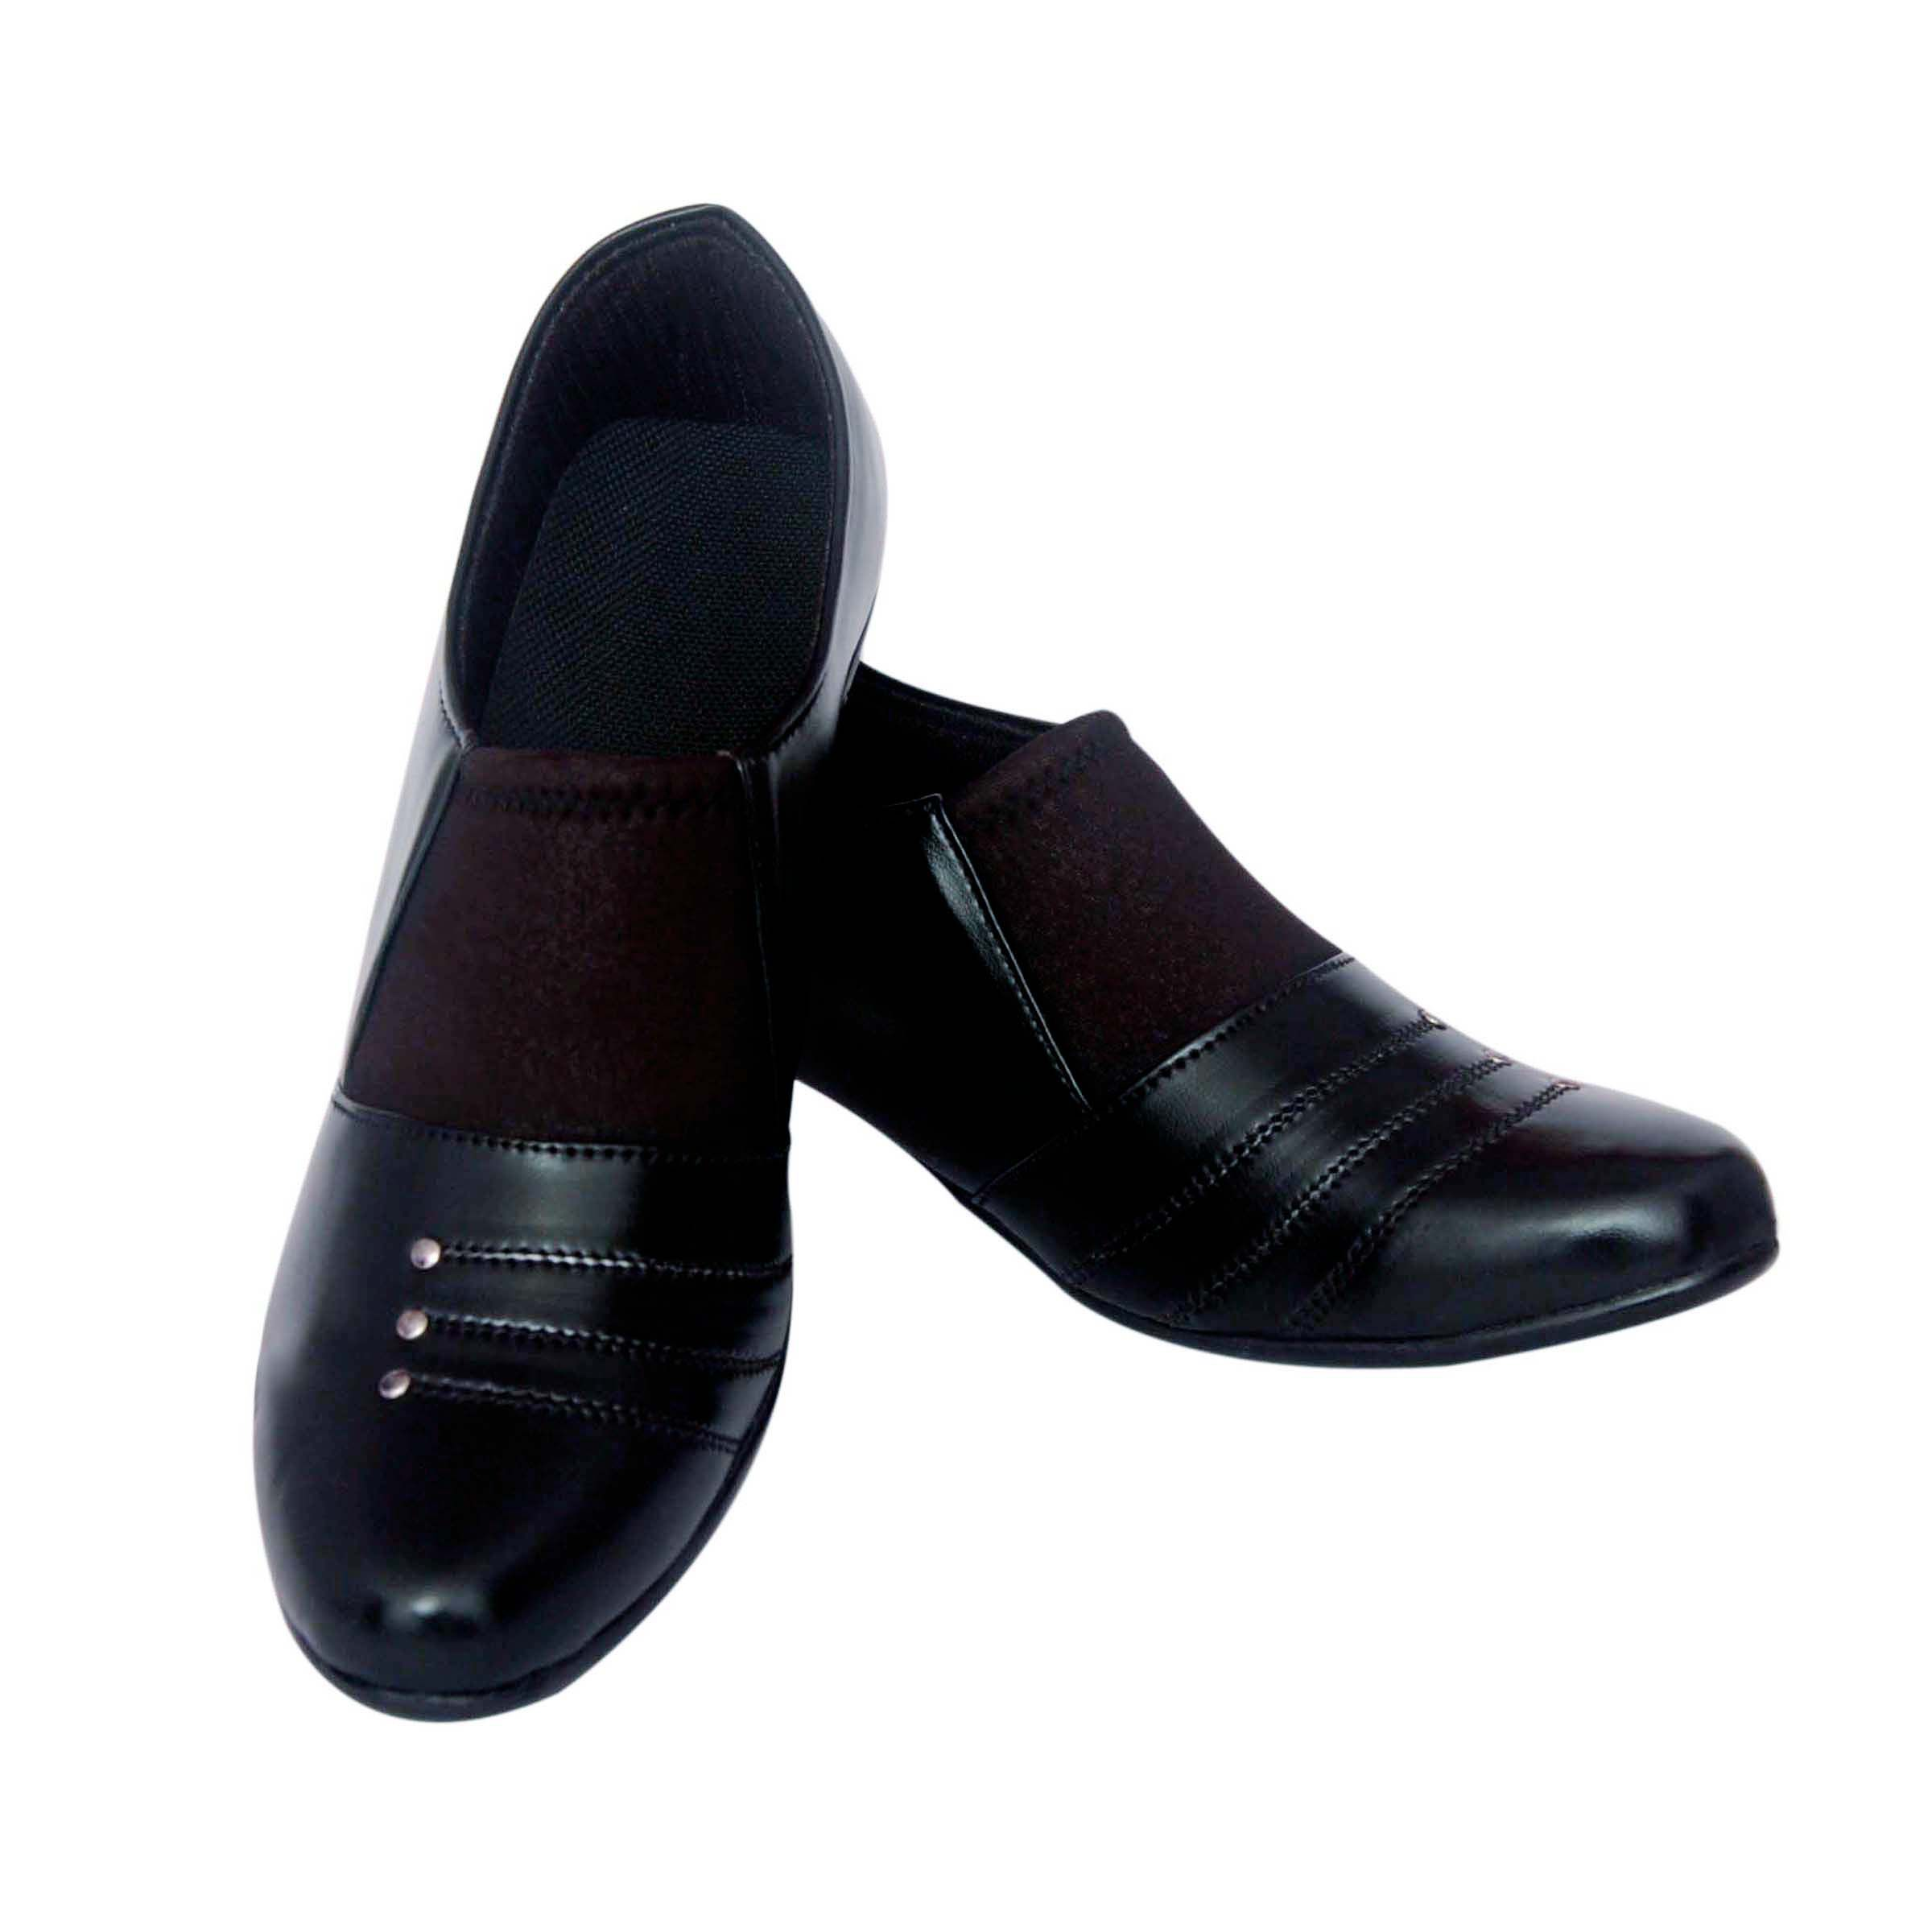 VIREN Black Formal Shoes